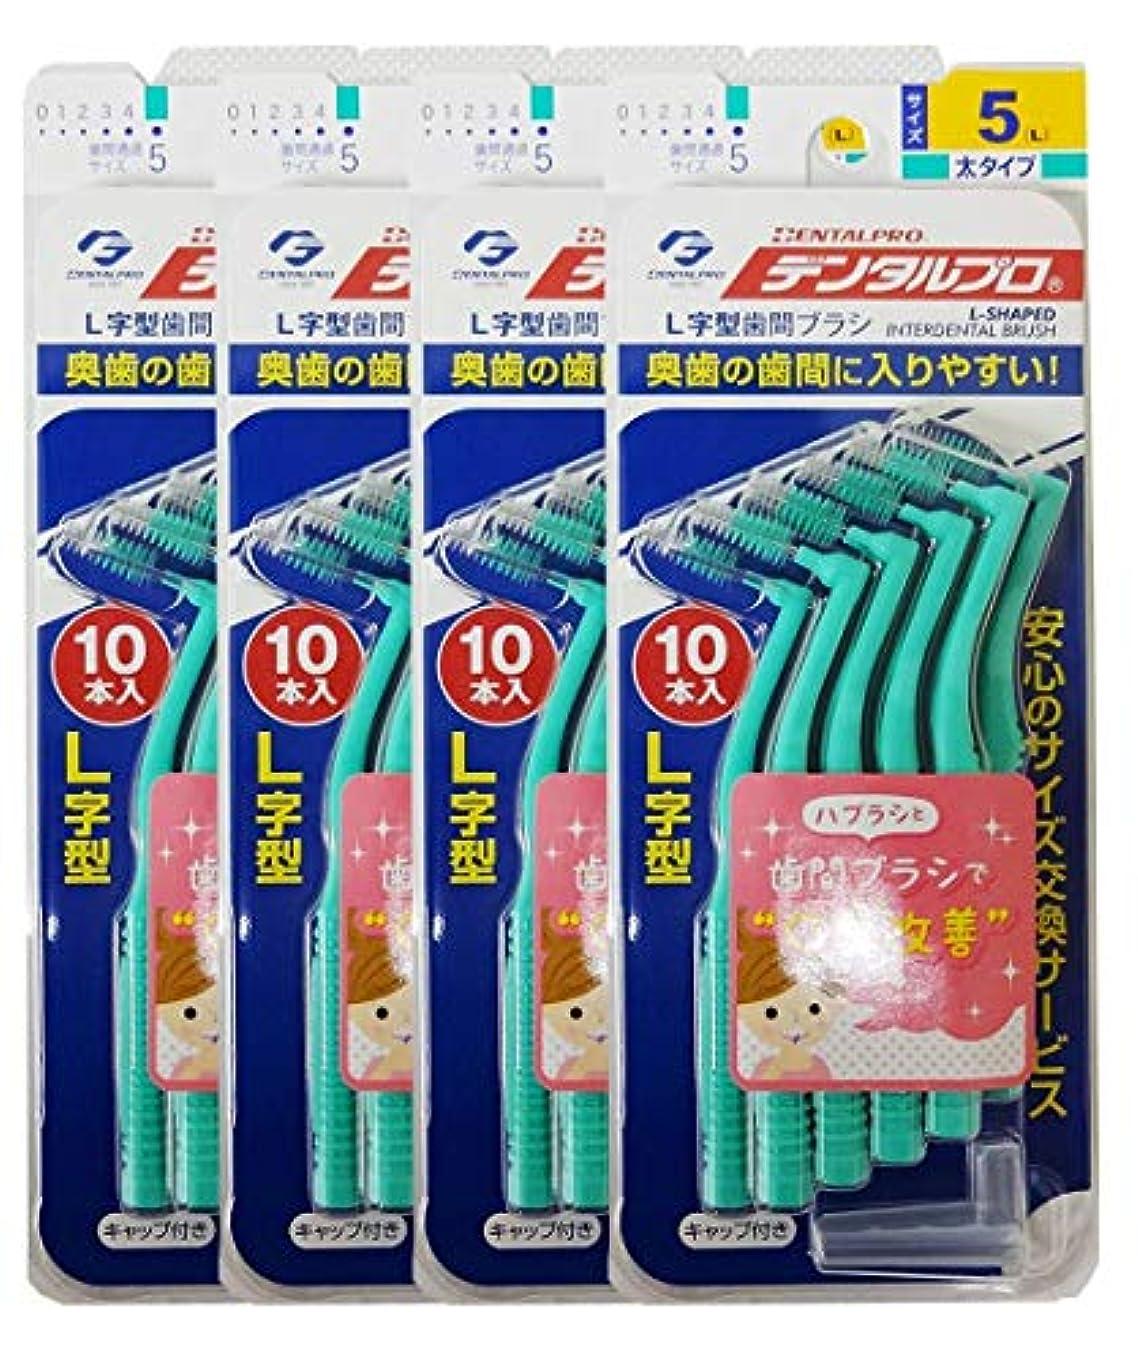 ブロックフォークであることデンタルプロ 歯間ブラシ L字型 サイズ5(L) 10本入り × 4個セット